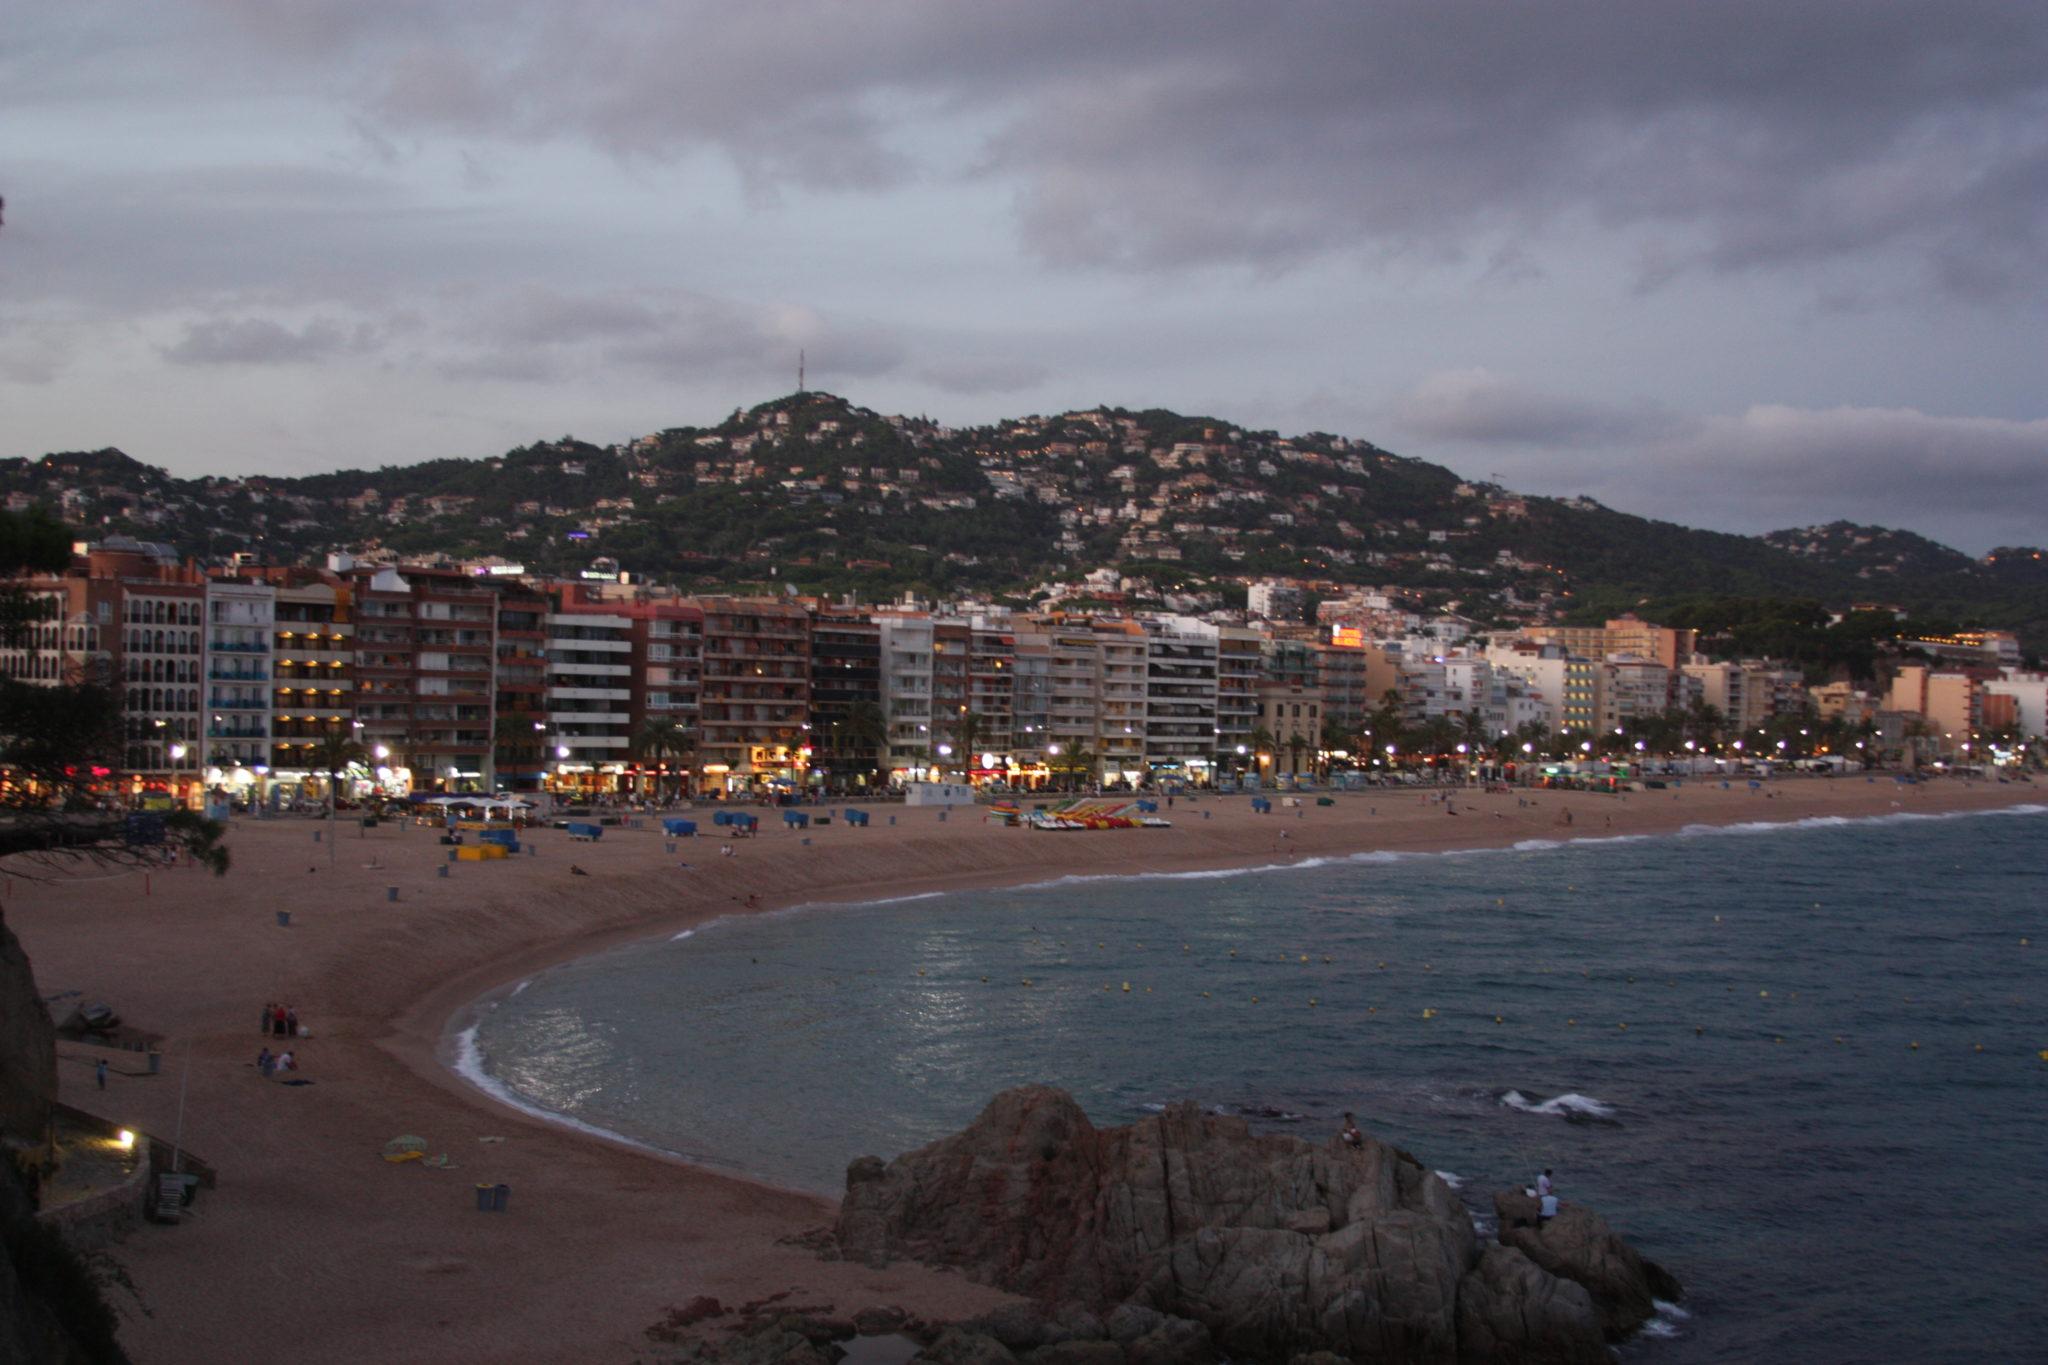 Пляж Ллорет де Мар